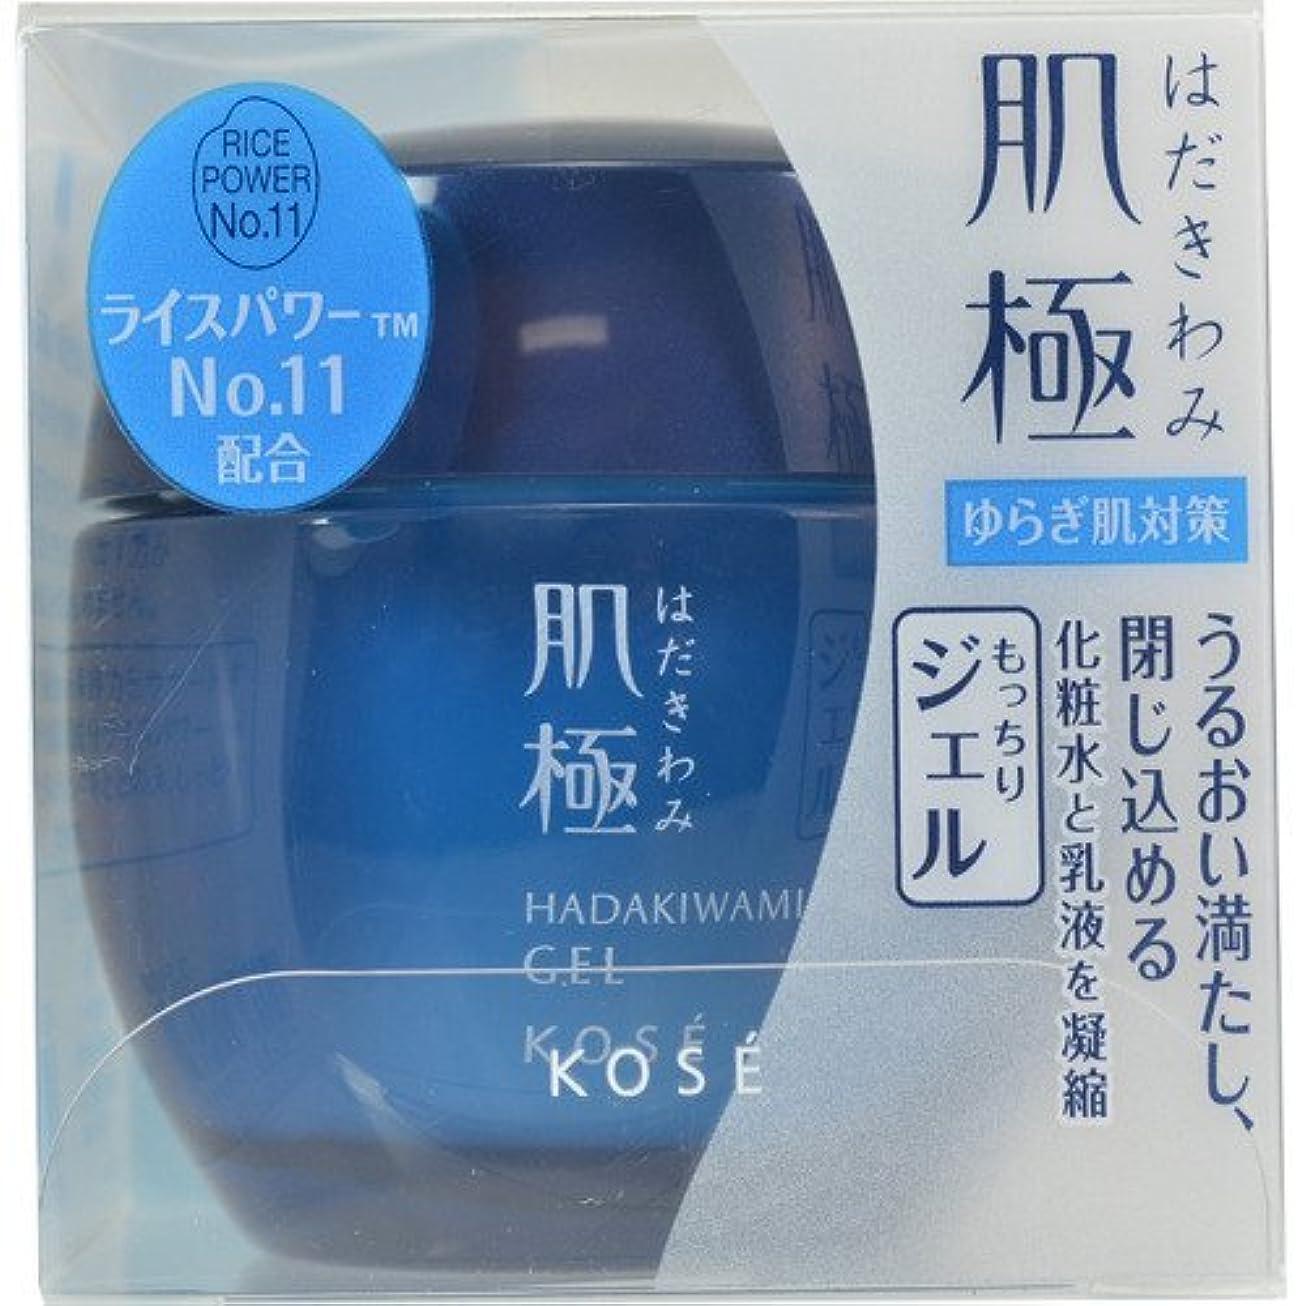 目覚める連続的所有権肌極 化粧液(ジェル) 40g